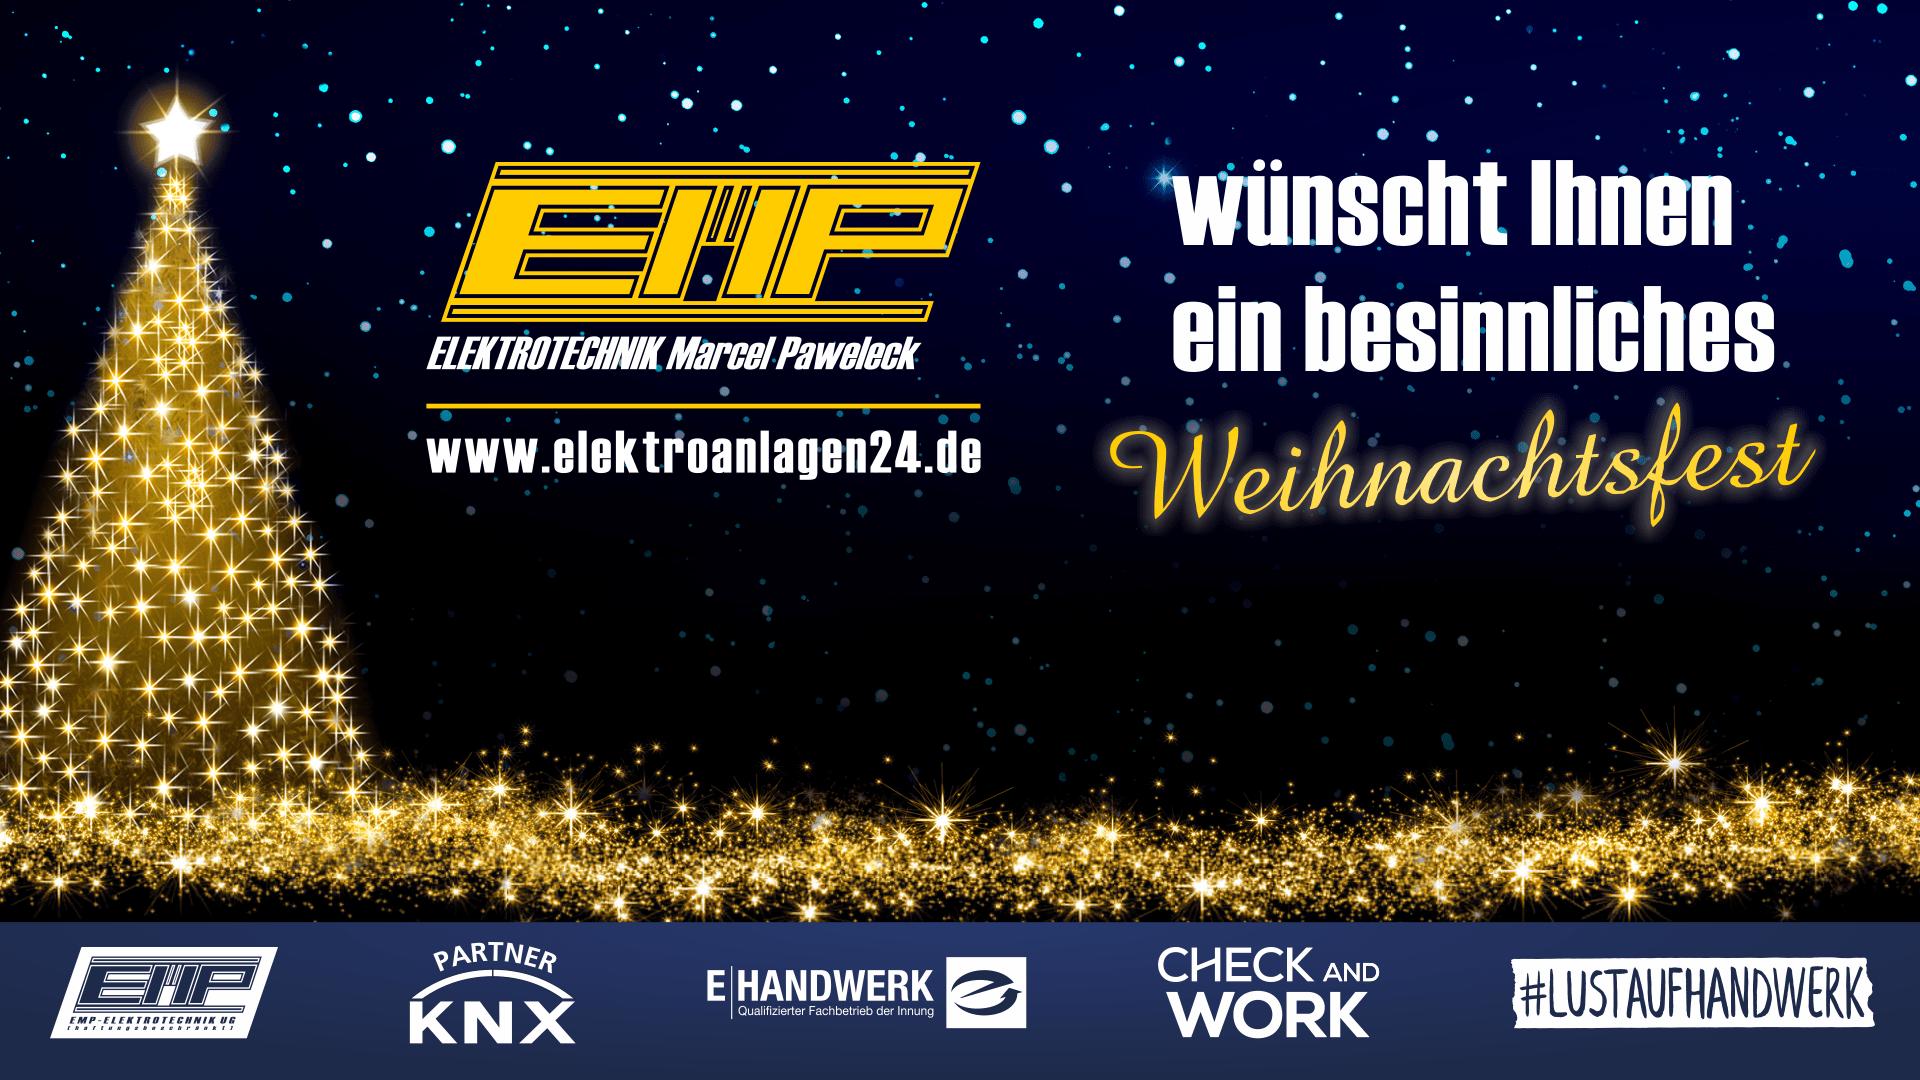 Wir wünschen Ihnen ein entspanntes, frohes und besinnliches Weihnachtsfest ... www.elektroanlagen24.de